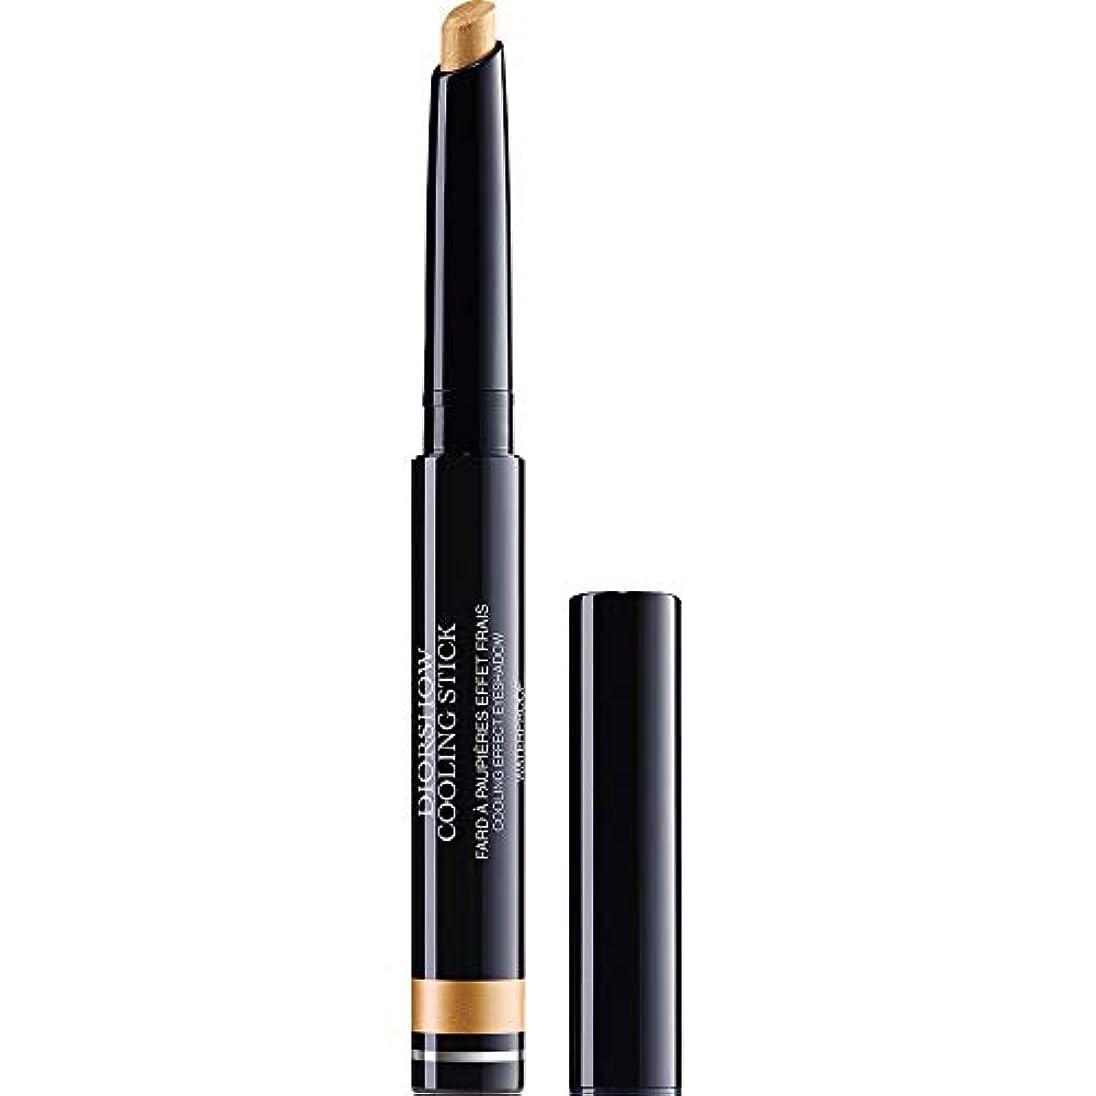 固体ところで野心[Dior ] ディオールDiorshow冷却スティックアイシャドウ1.6グラム002 - 金スプラッシュ - DIOR Diorshow Cooling Stick Eyeshadow 1.6g 002 - Gold Splash [並行輸入品]